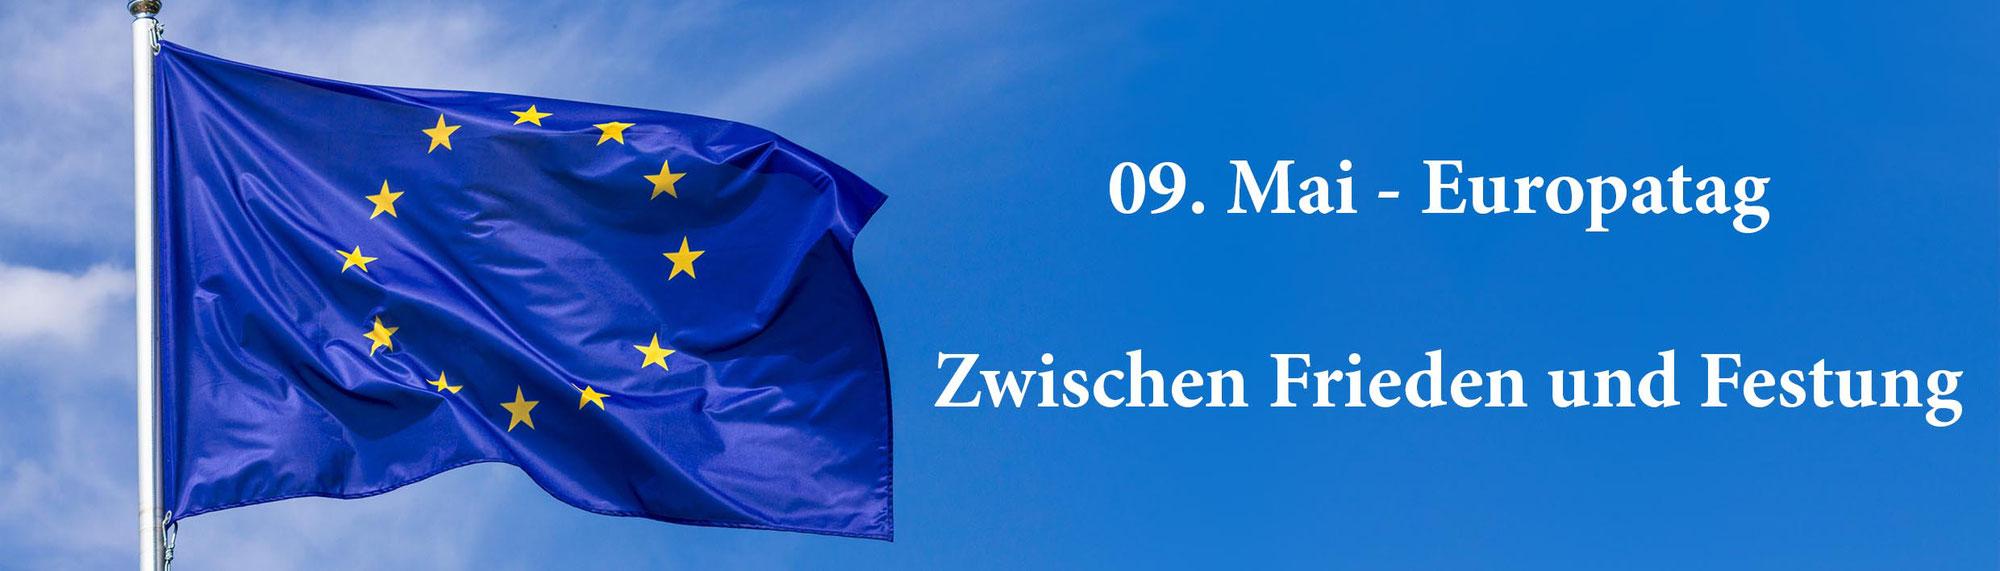 Europatag – Frieden und Festung